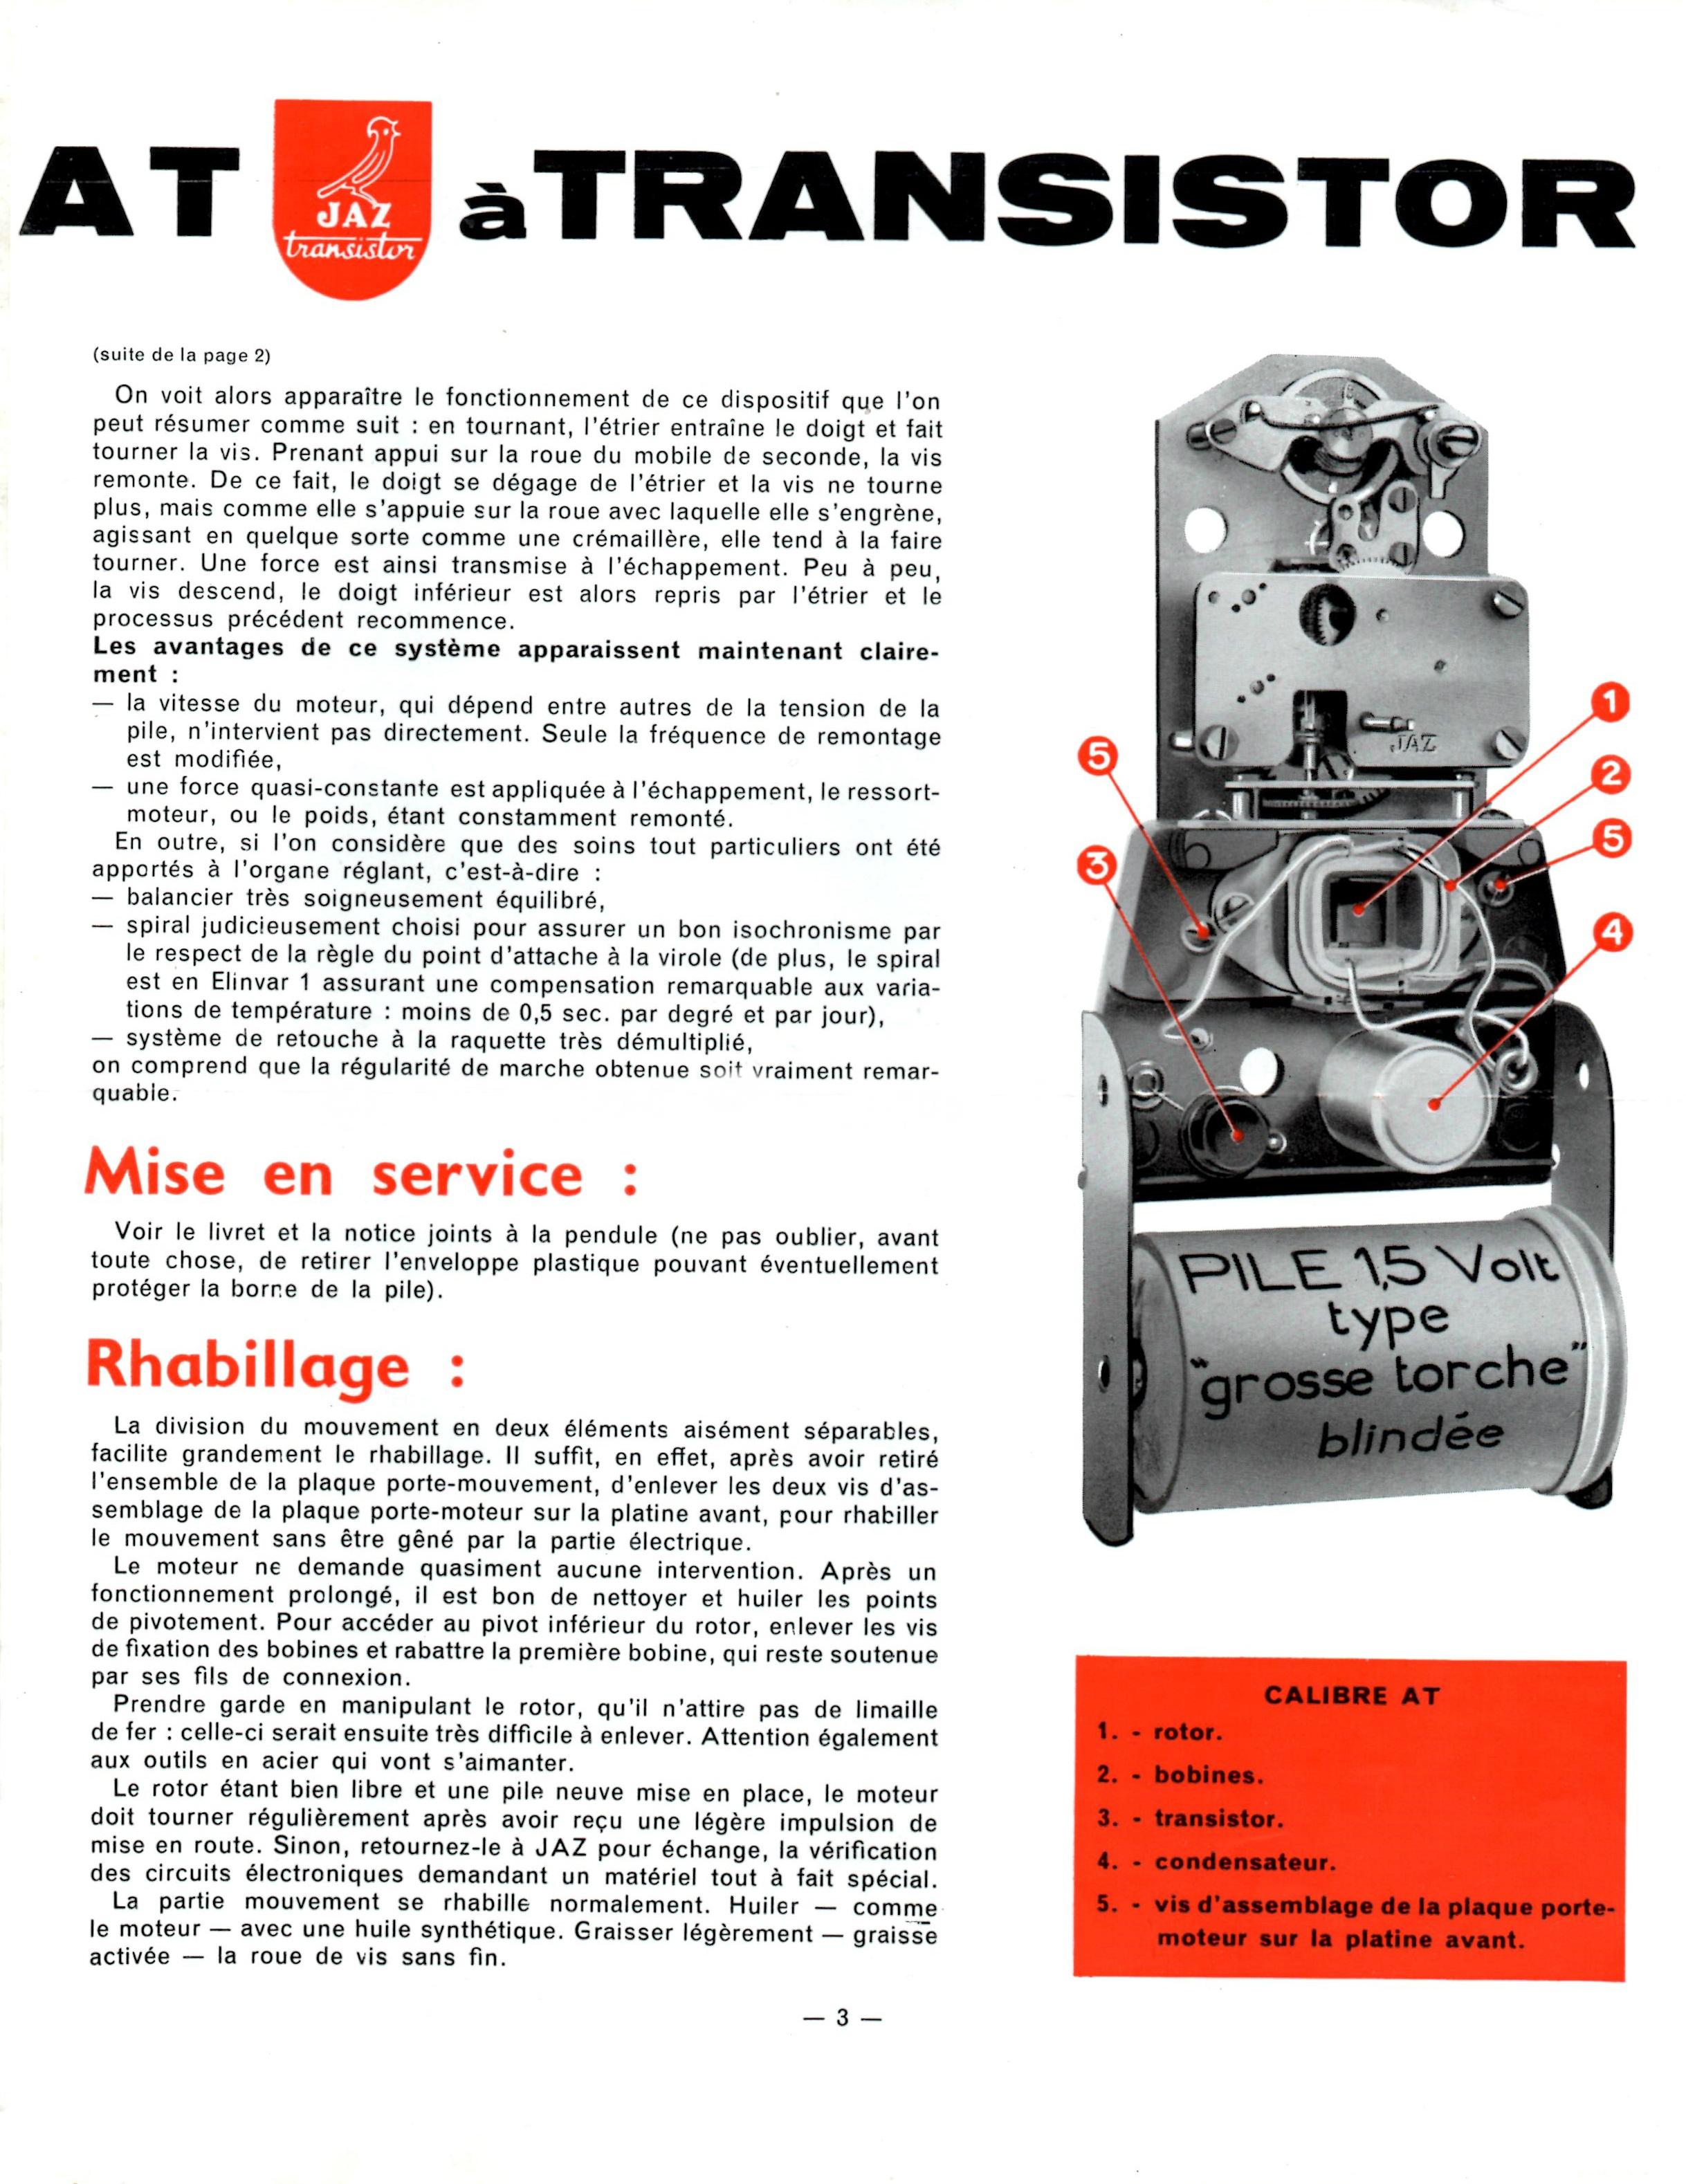 calibre AT Jazette n°39 Déc 59 page 3